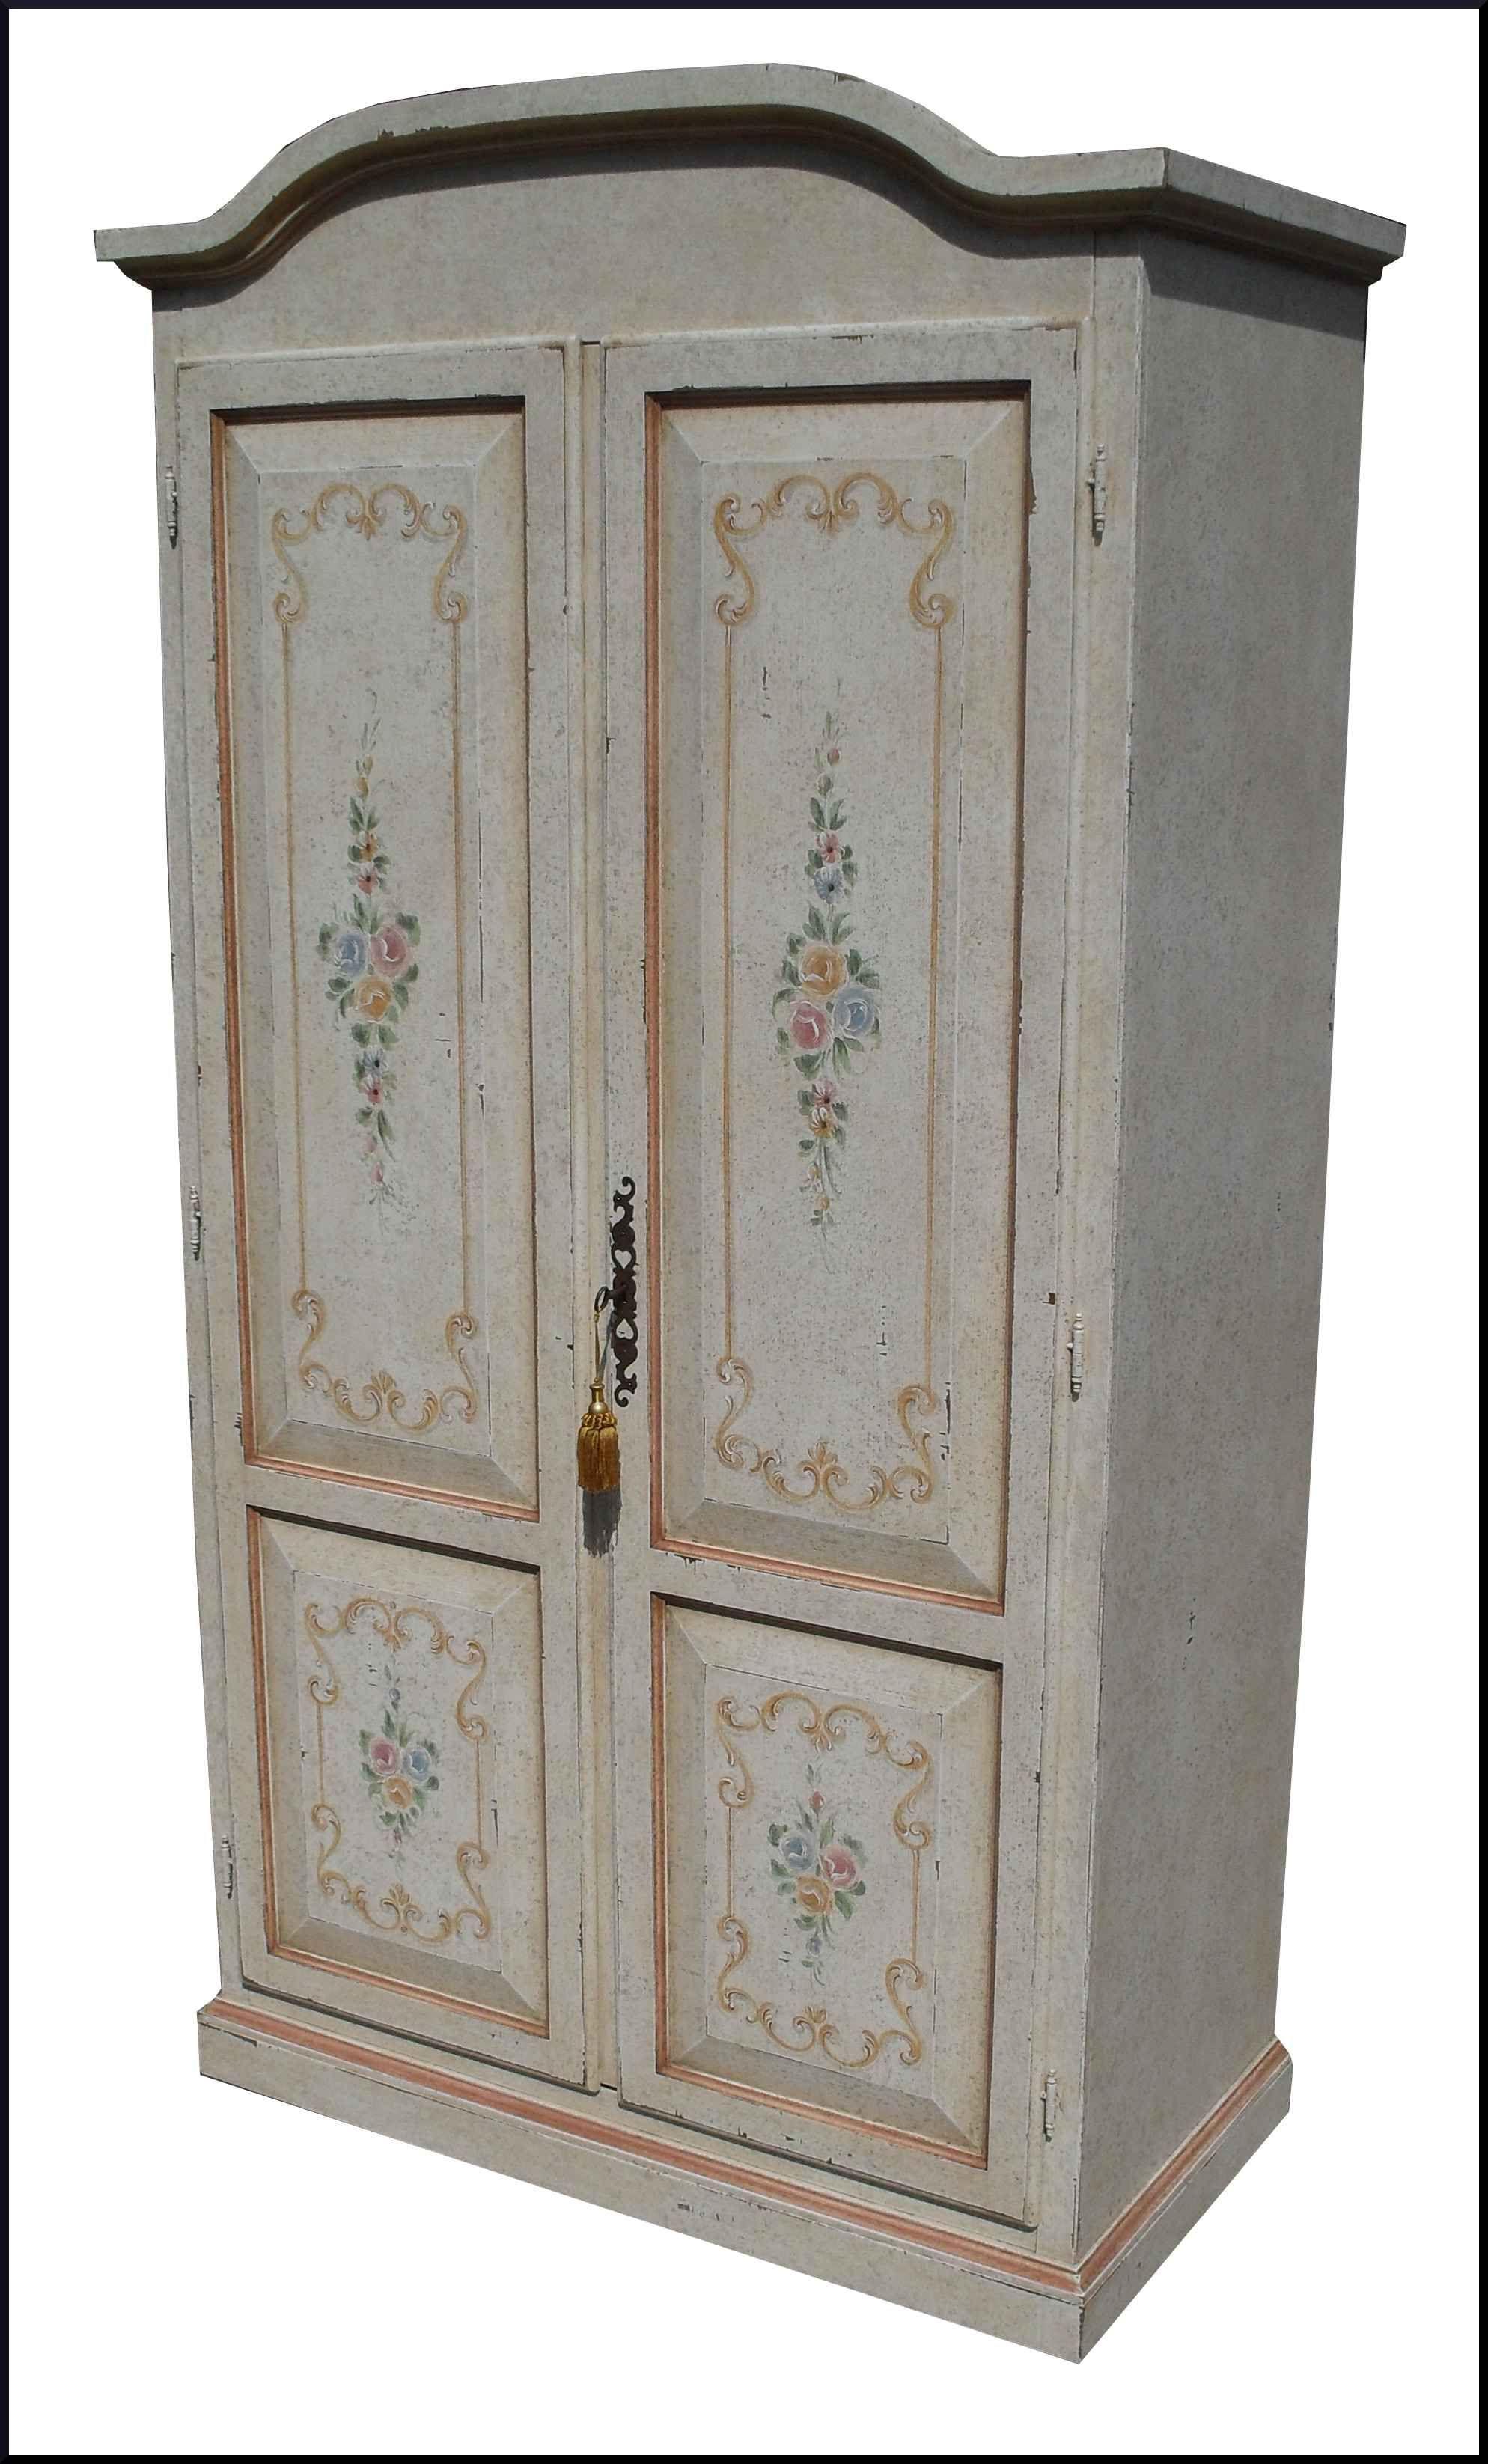 Armadio a due ante decorato in stile provenzale mobili dipinti a mano pinterest - Stile provenzale mobili ...